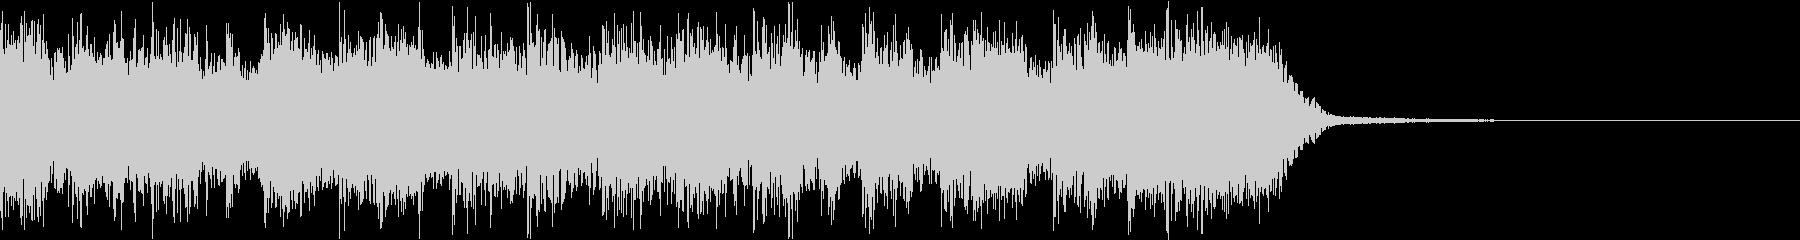 エネルギッシュ・ロックなサウンドロゴ09の未再生の波形